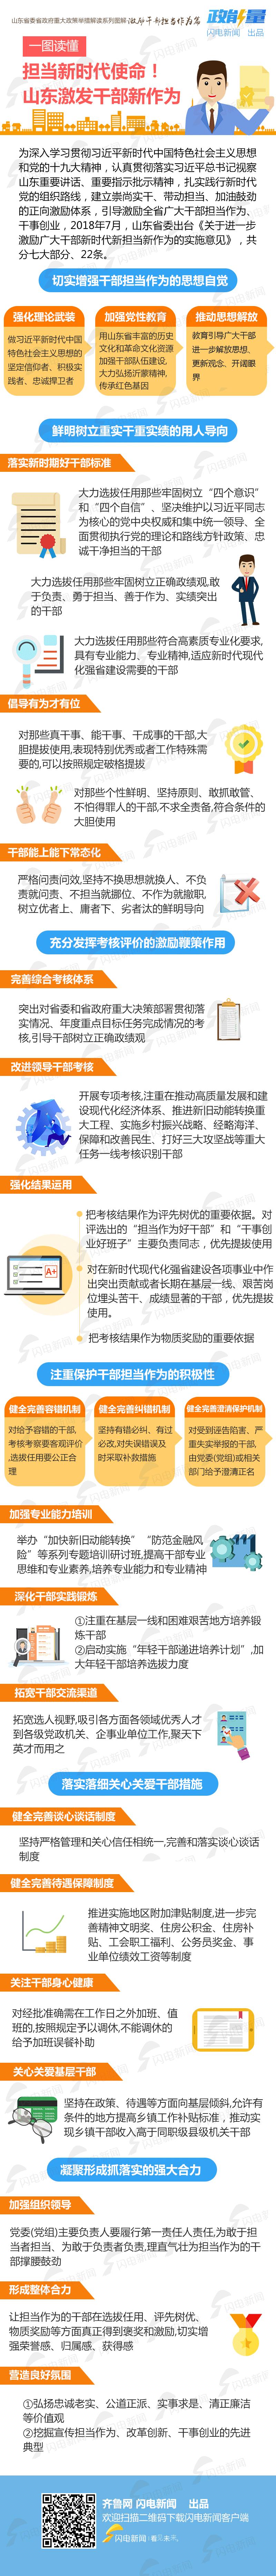 山东重大政策举措系列解读.png